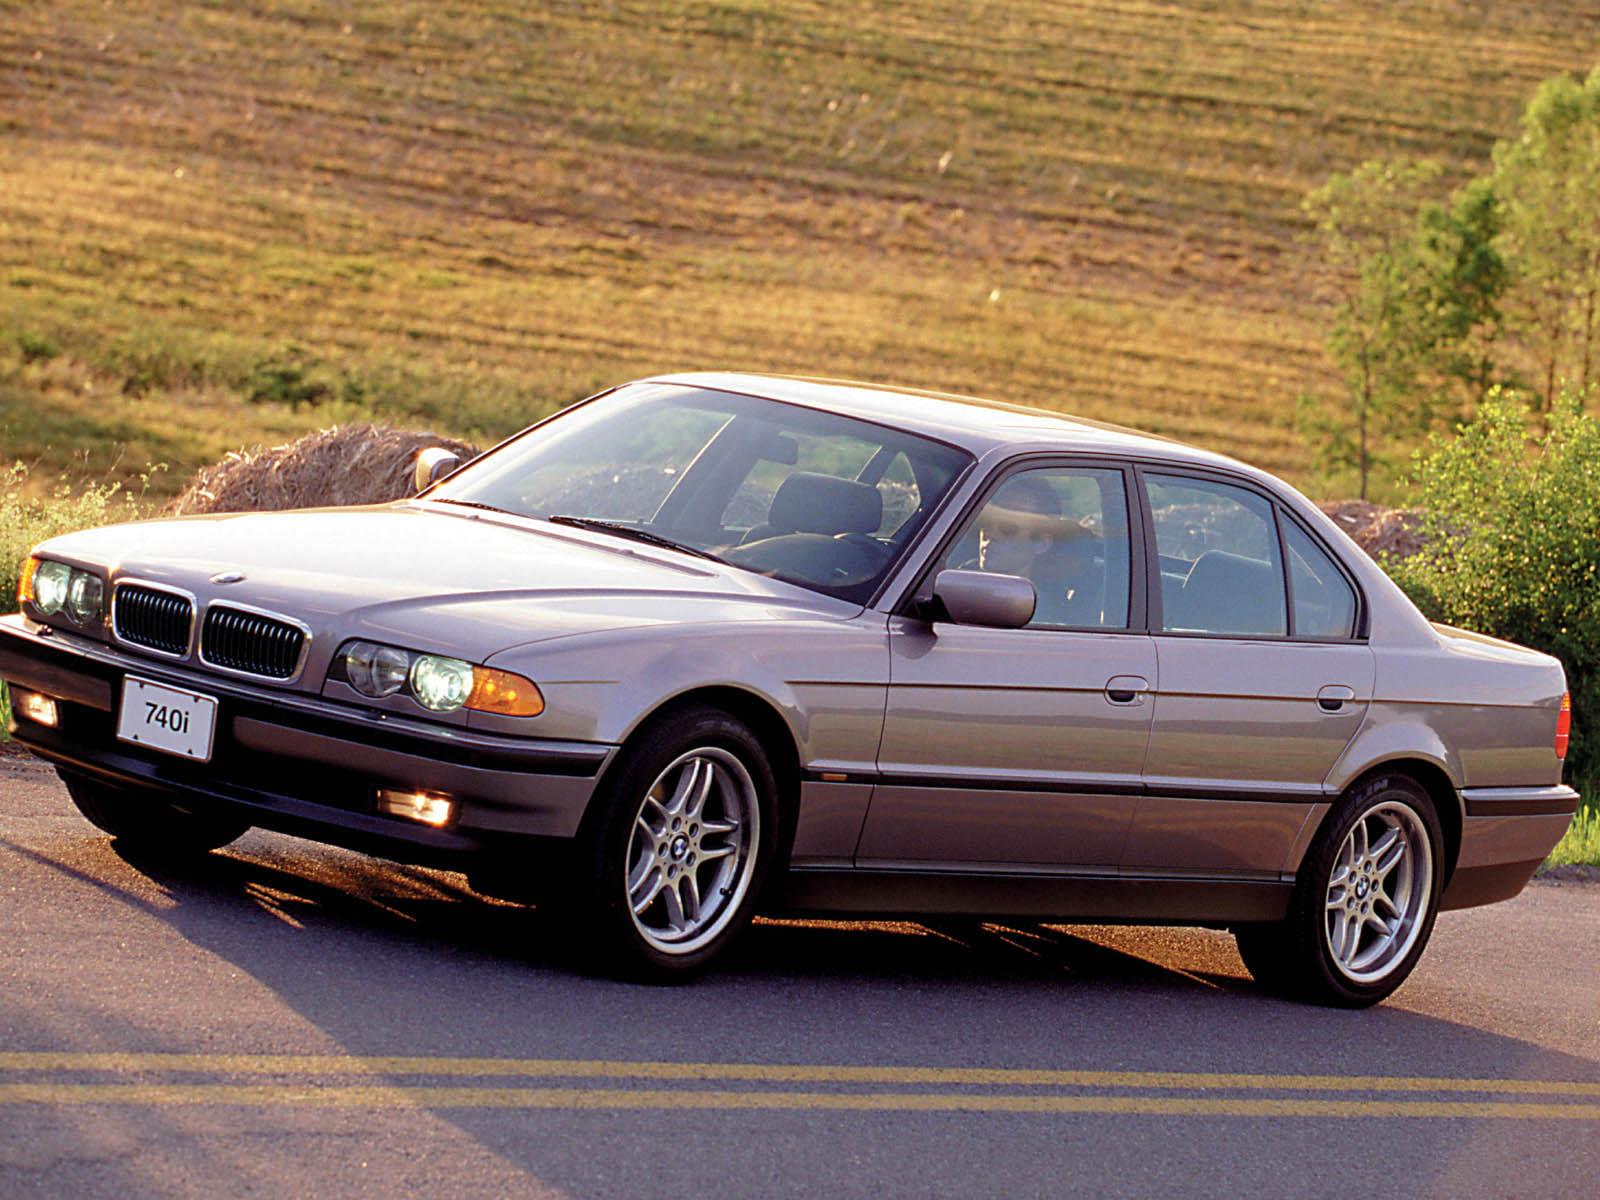 BMW-E38-6.jpg